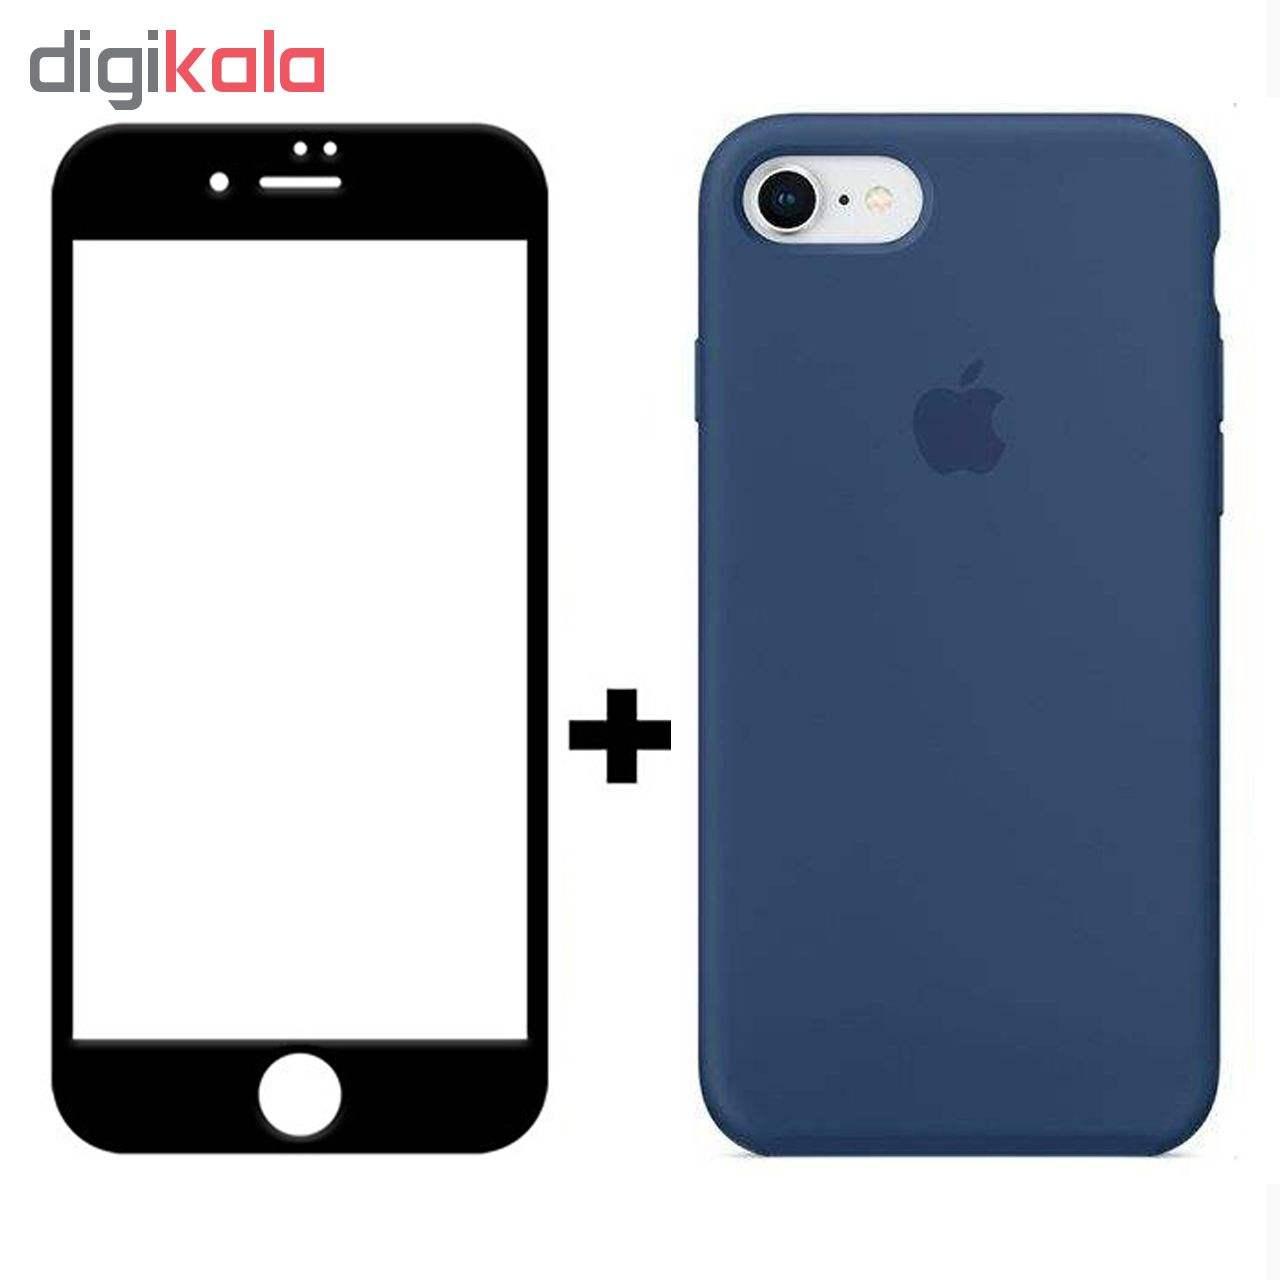 کاور سیلیکونی مدل SlC مناسب برای گوشی موبایل اپل آیفون 6/6s  به همراه محافظ صفحه نمایش 5D main 1 4